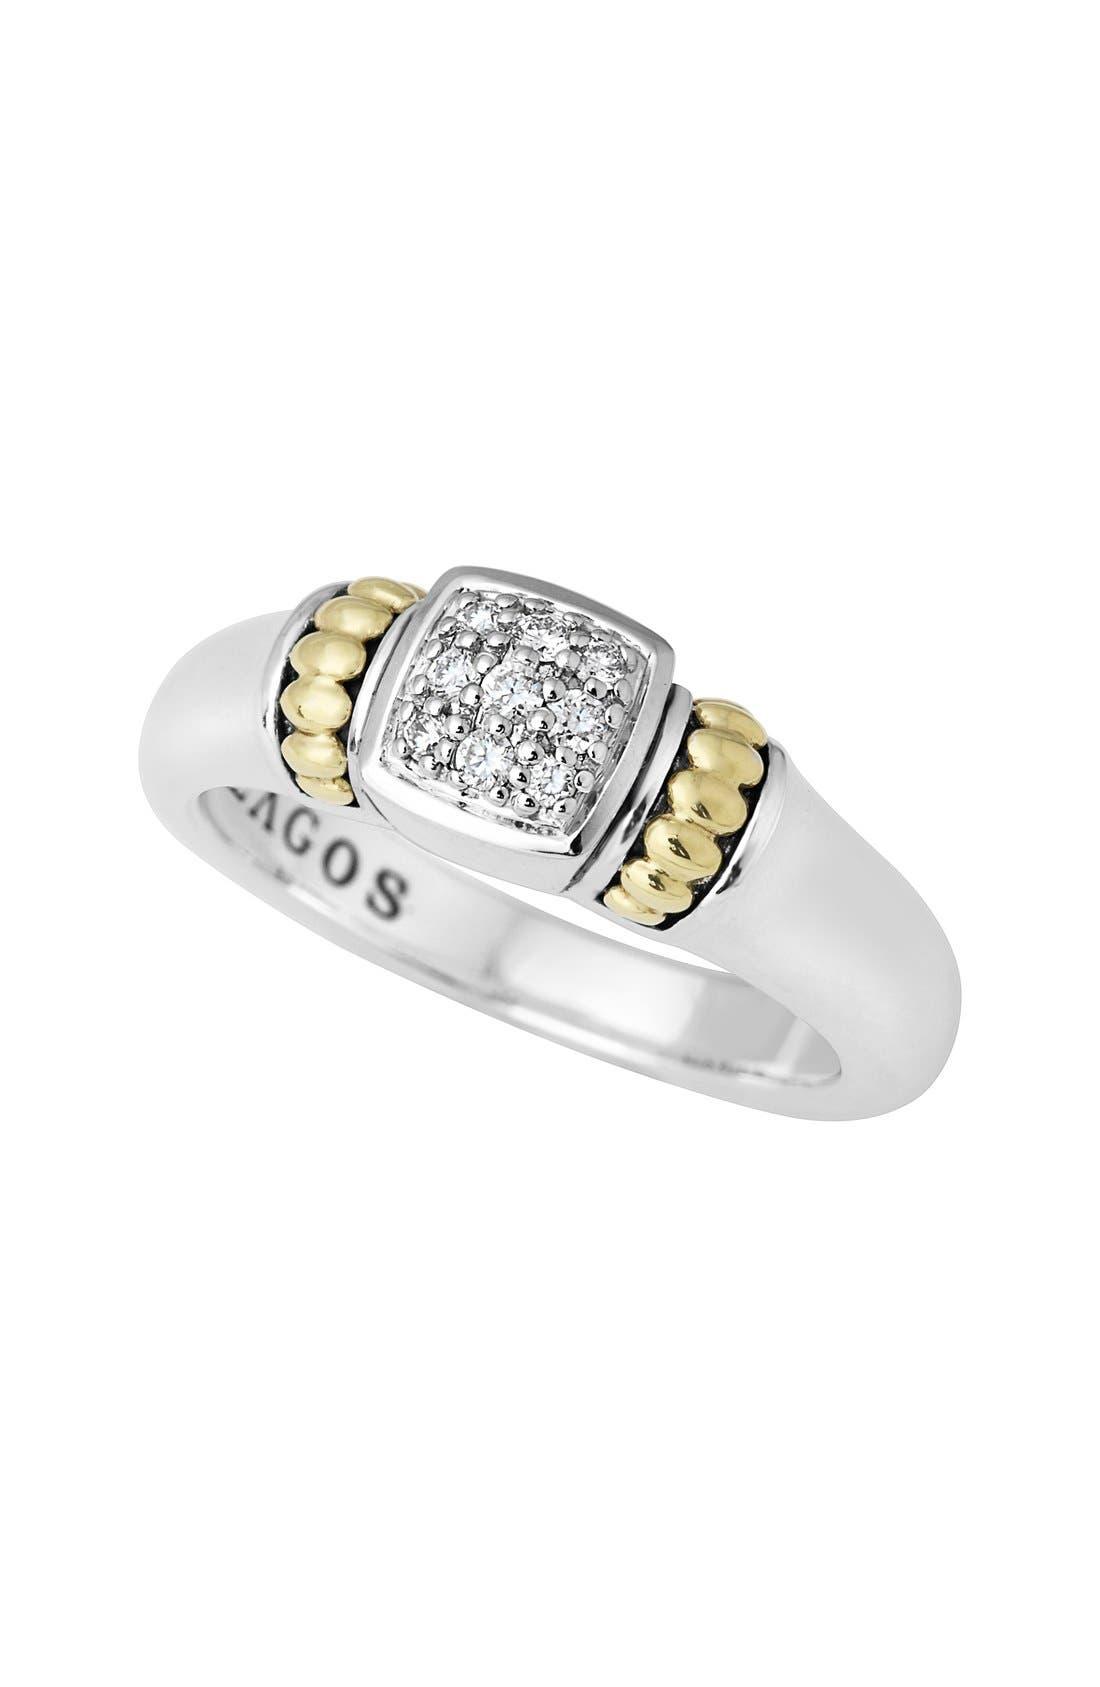 Main Image - LAGOS Caviar Diamond Ring